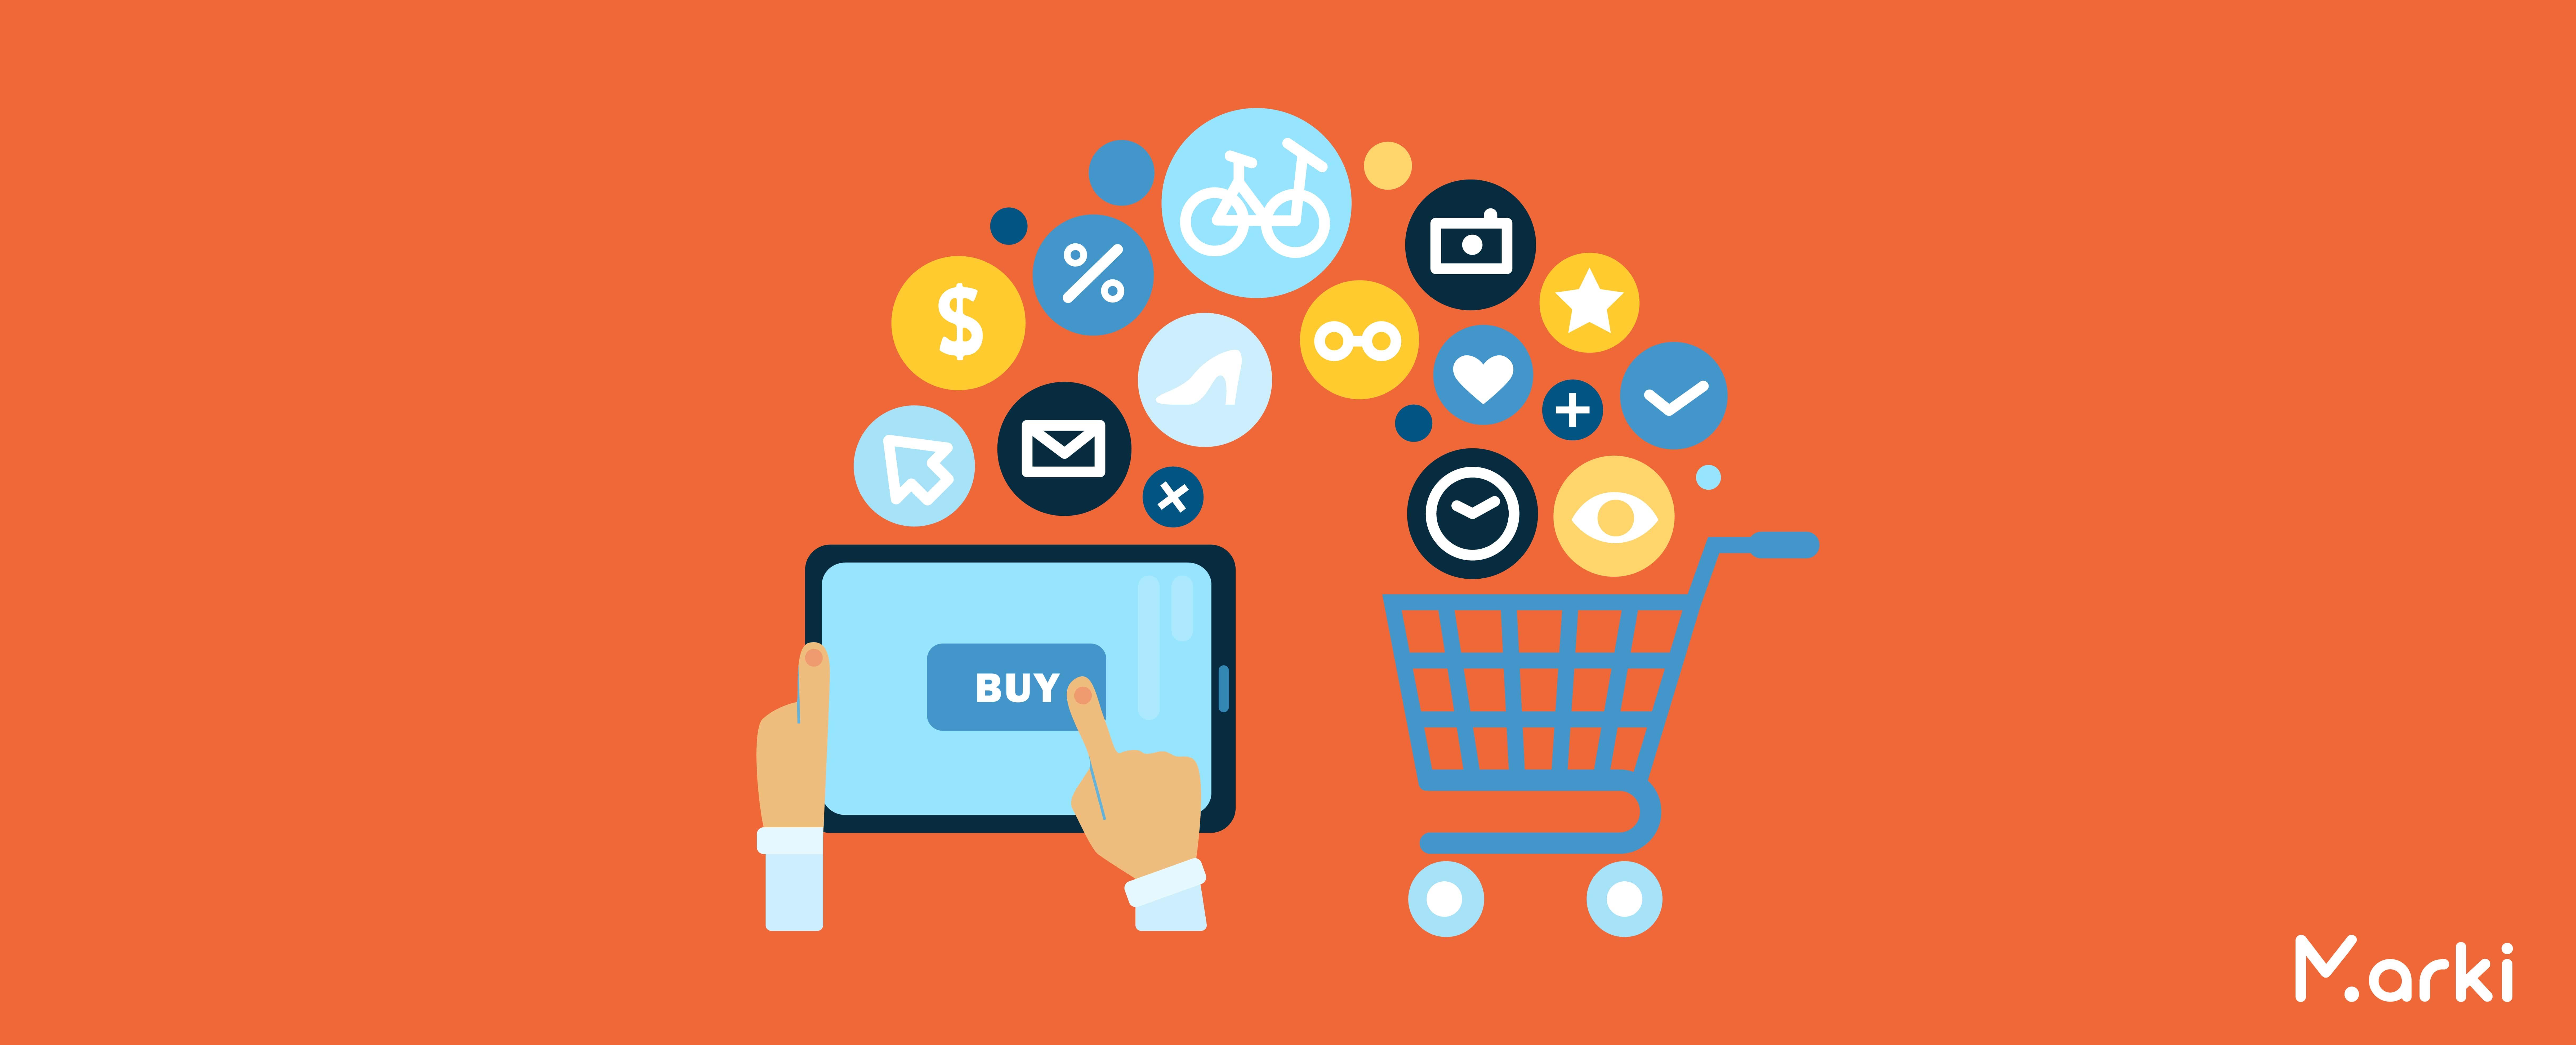 que es el e-commerce en marketing